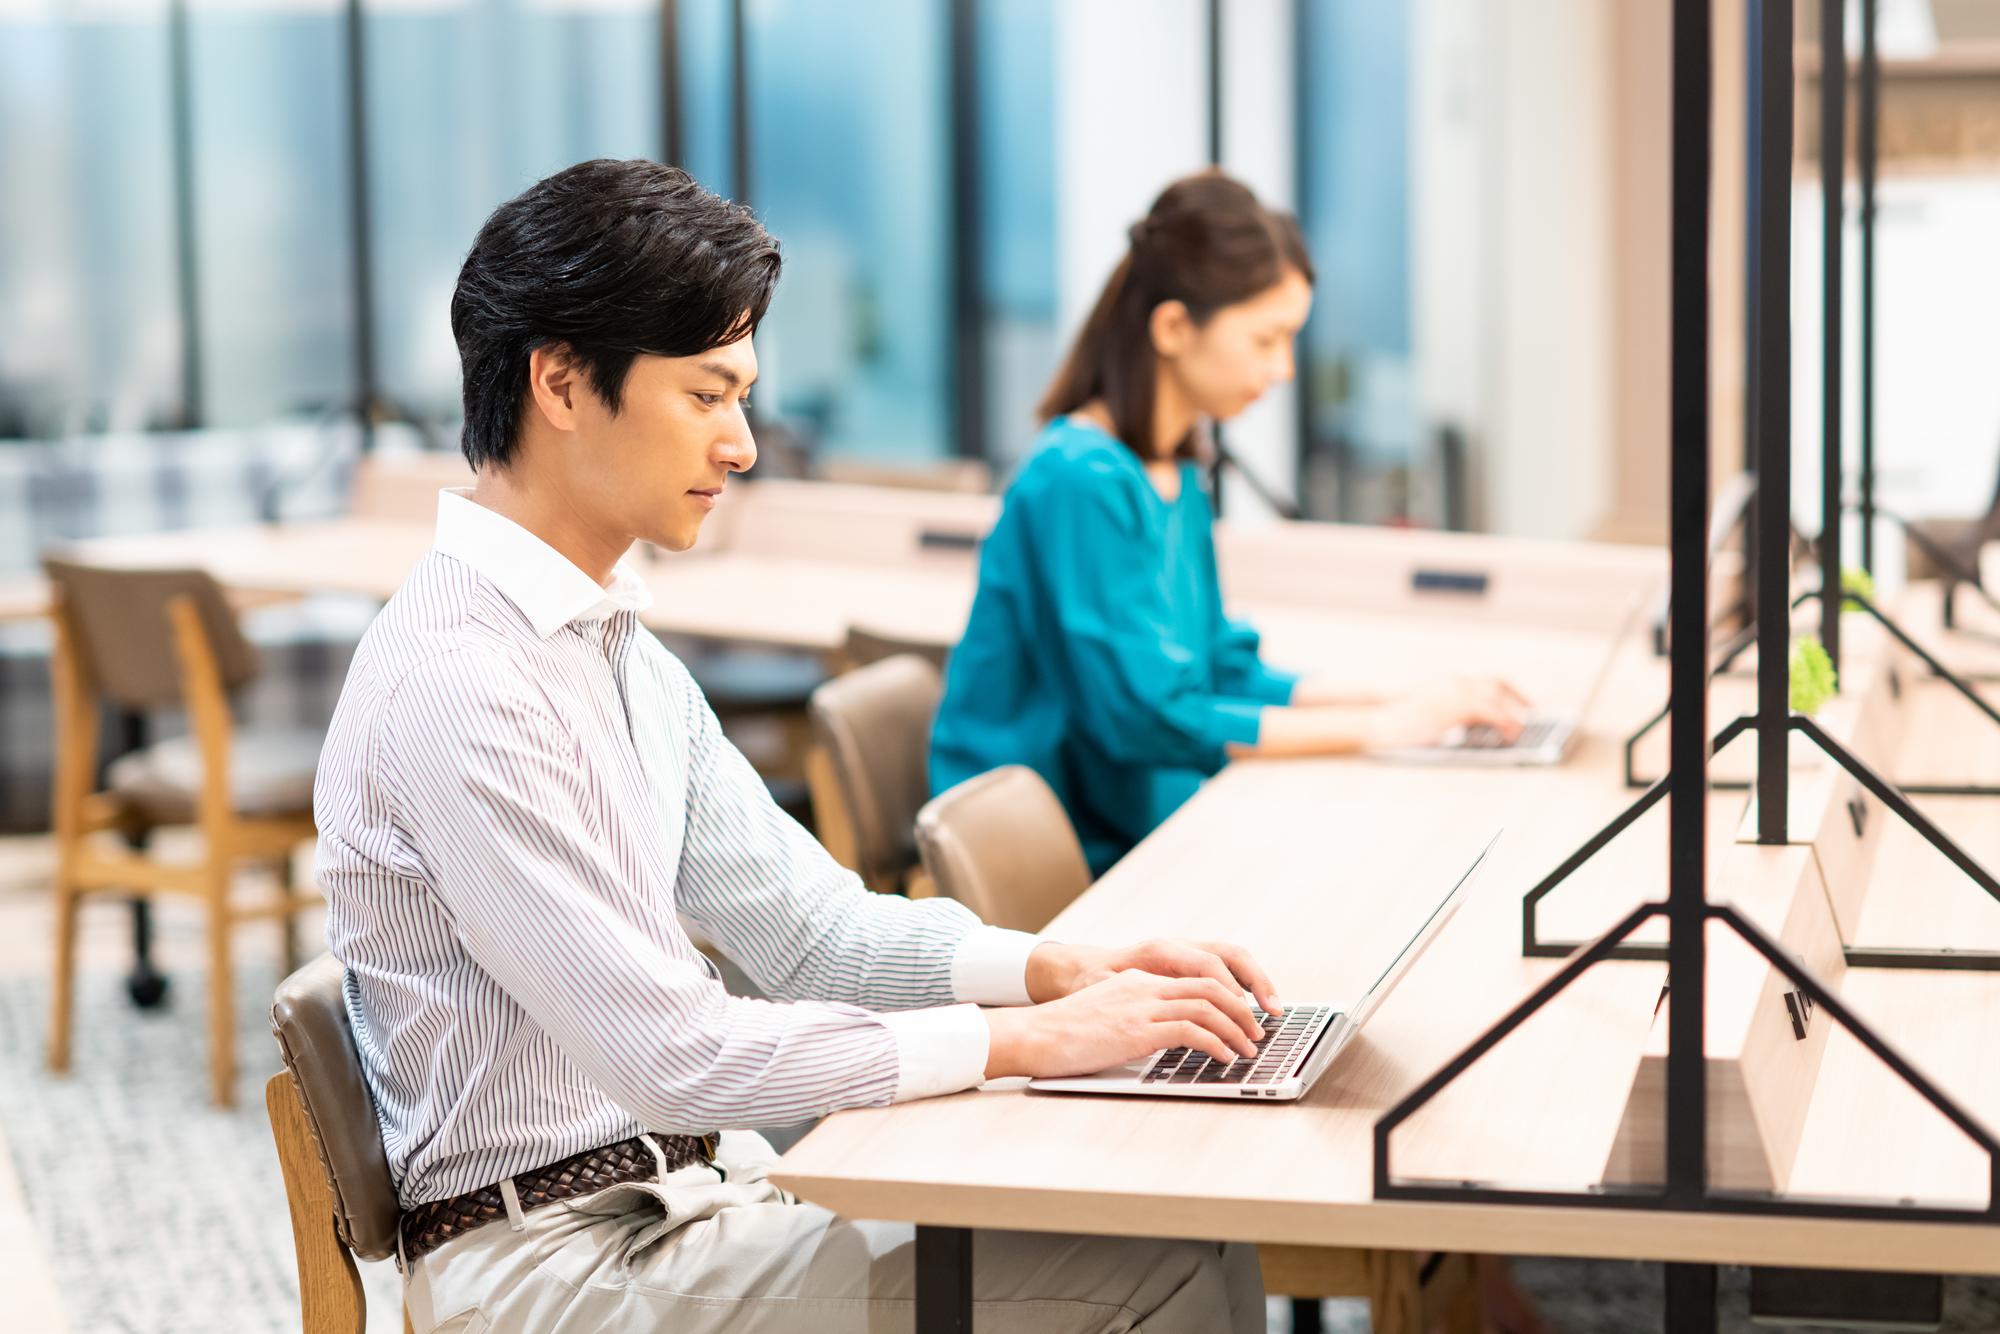 <新宿でテレワークするなら!>サテライトオフィス向けおすすめレンタルスペース~新宿篇~|TIME SHARING|タイムシェアリング |スペースマネジメント|あどばる|adval|SHARING